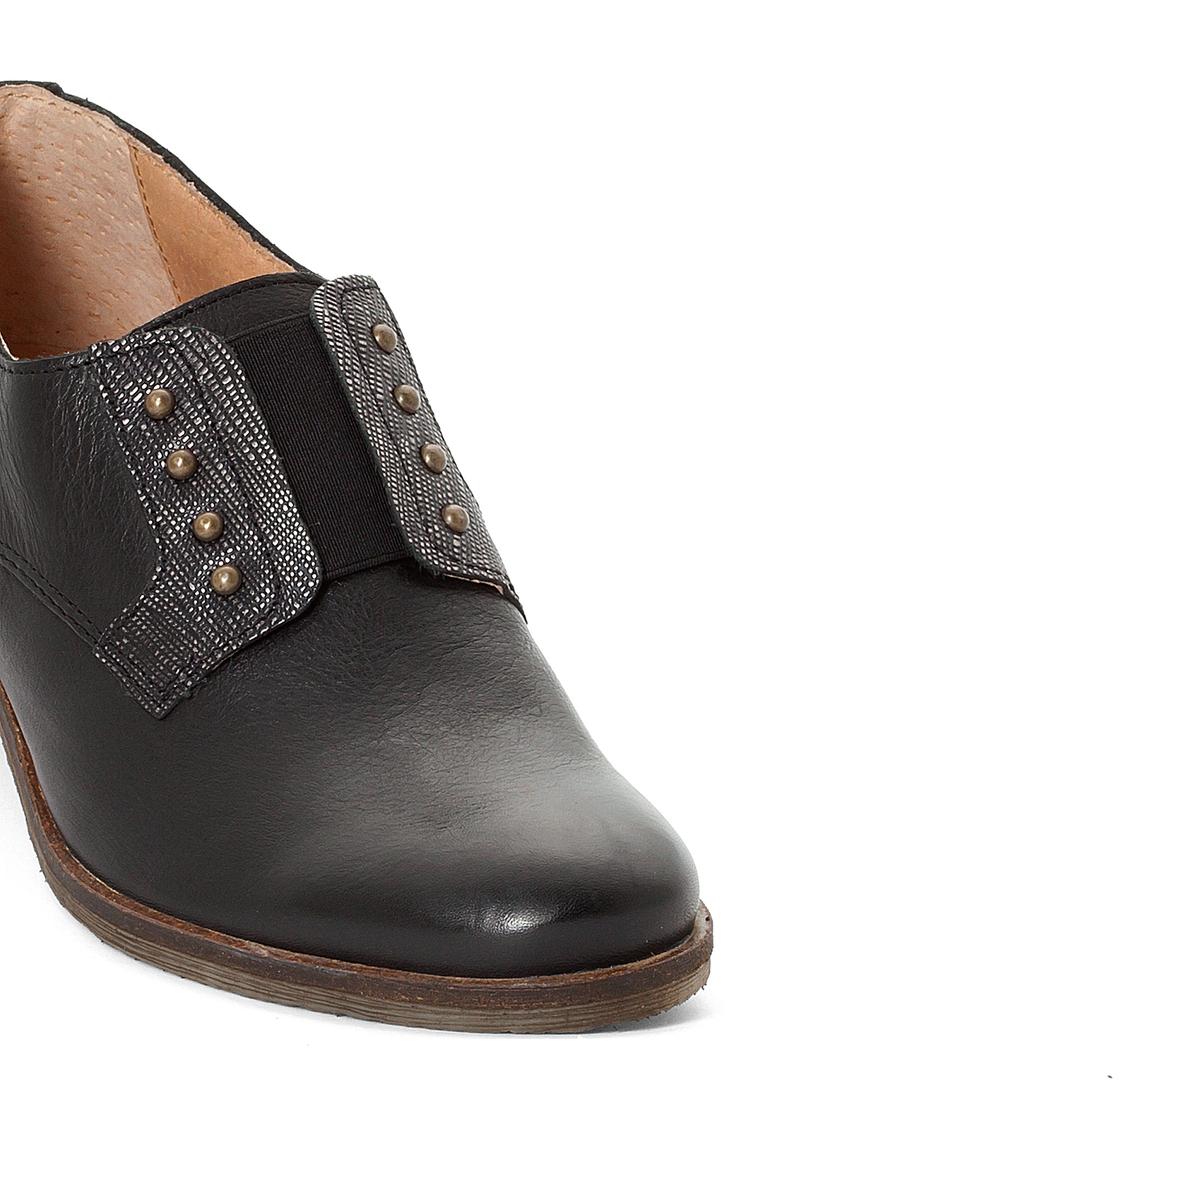 Ботинки-дерби кожаные LowВерх : кожа      Подкладка : невыделанная кожа     Стелька : невыделанная кожа     Подошва : синтетика     Высота каблука : 2,5 см     Застежка : без застежки<br><br>Цвет: черный/ серебристый<br>Размер: 37